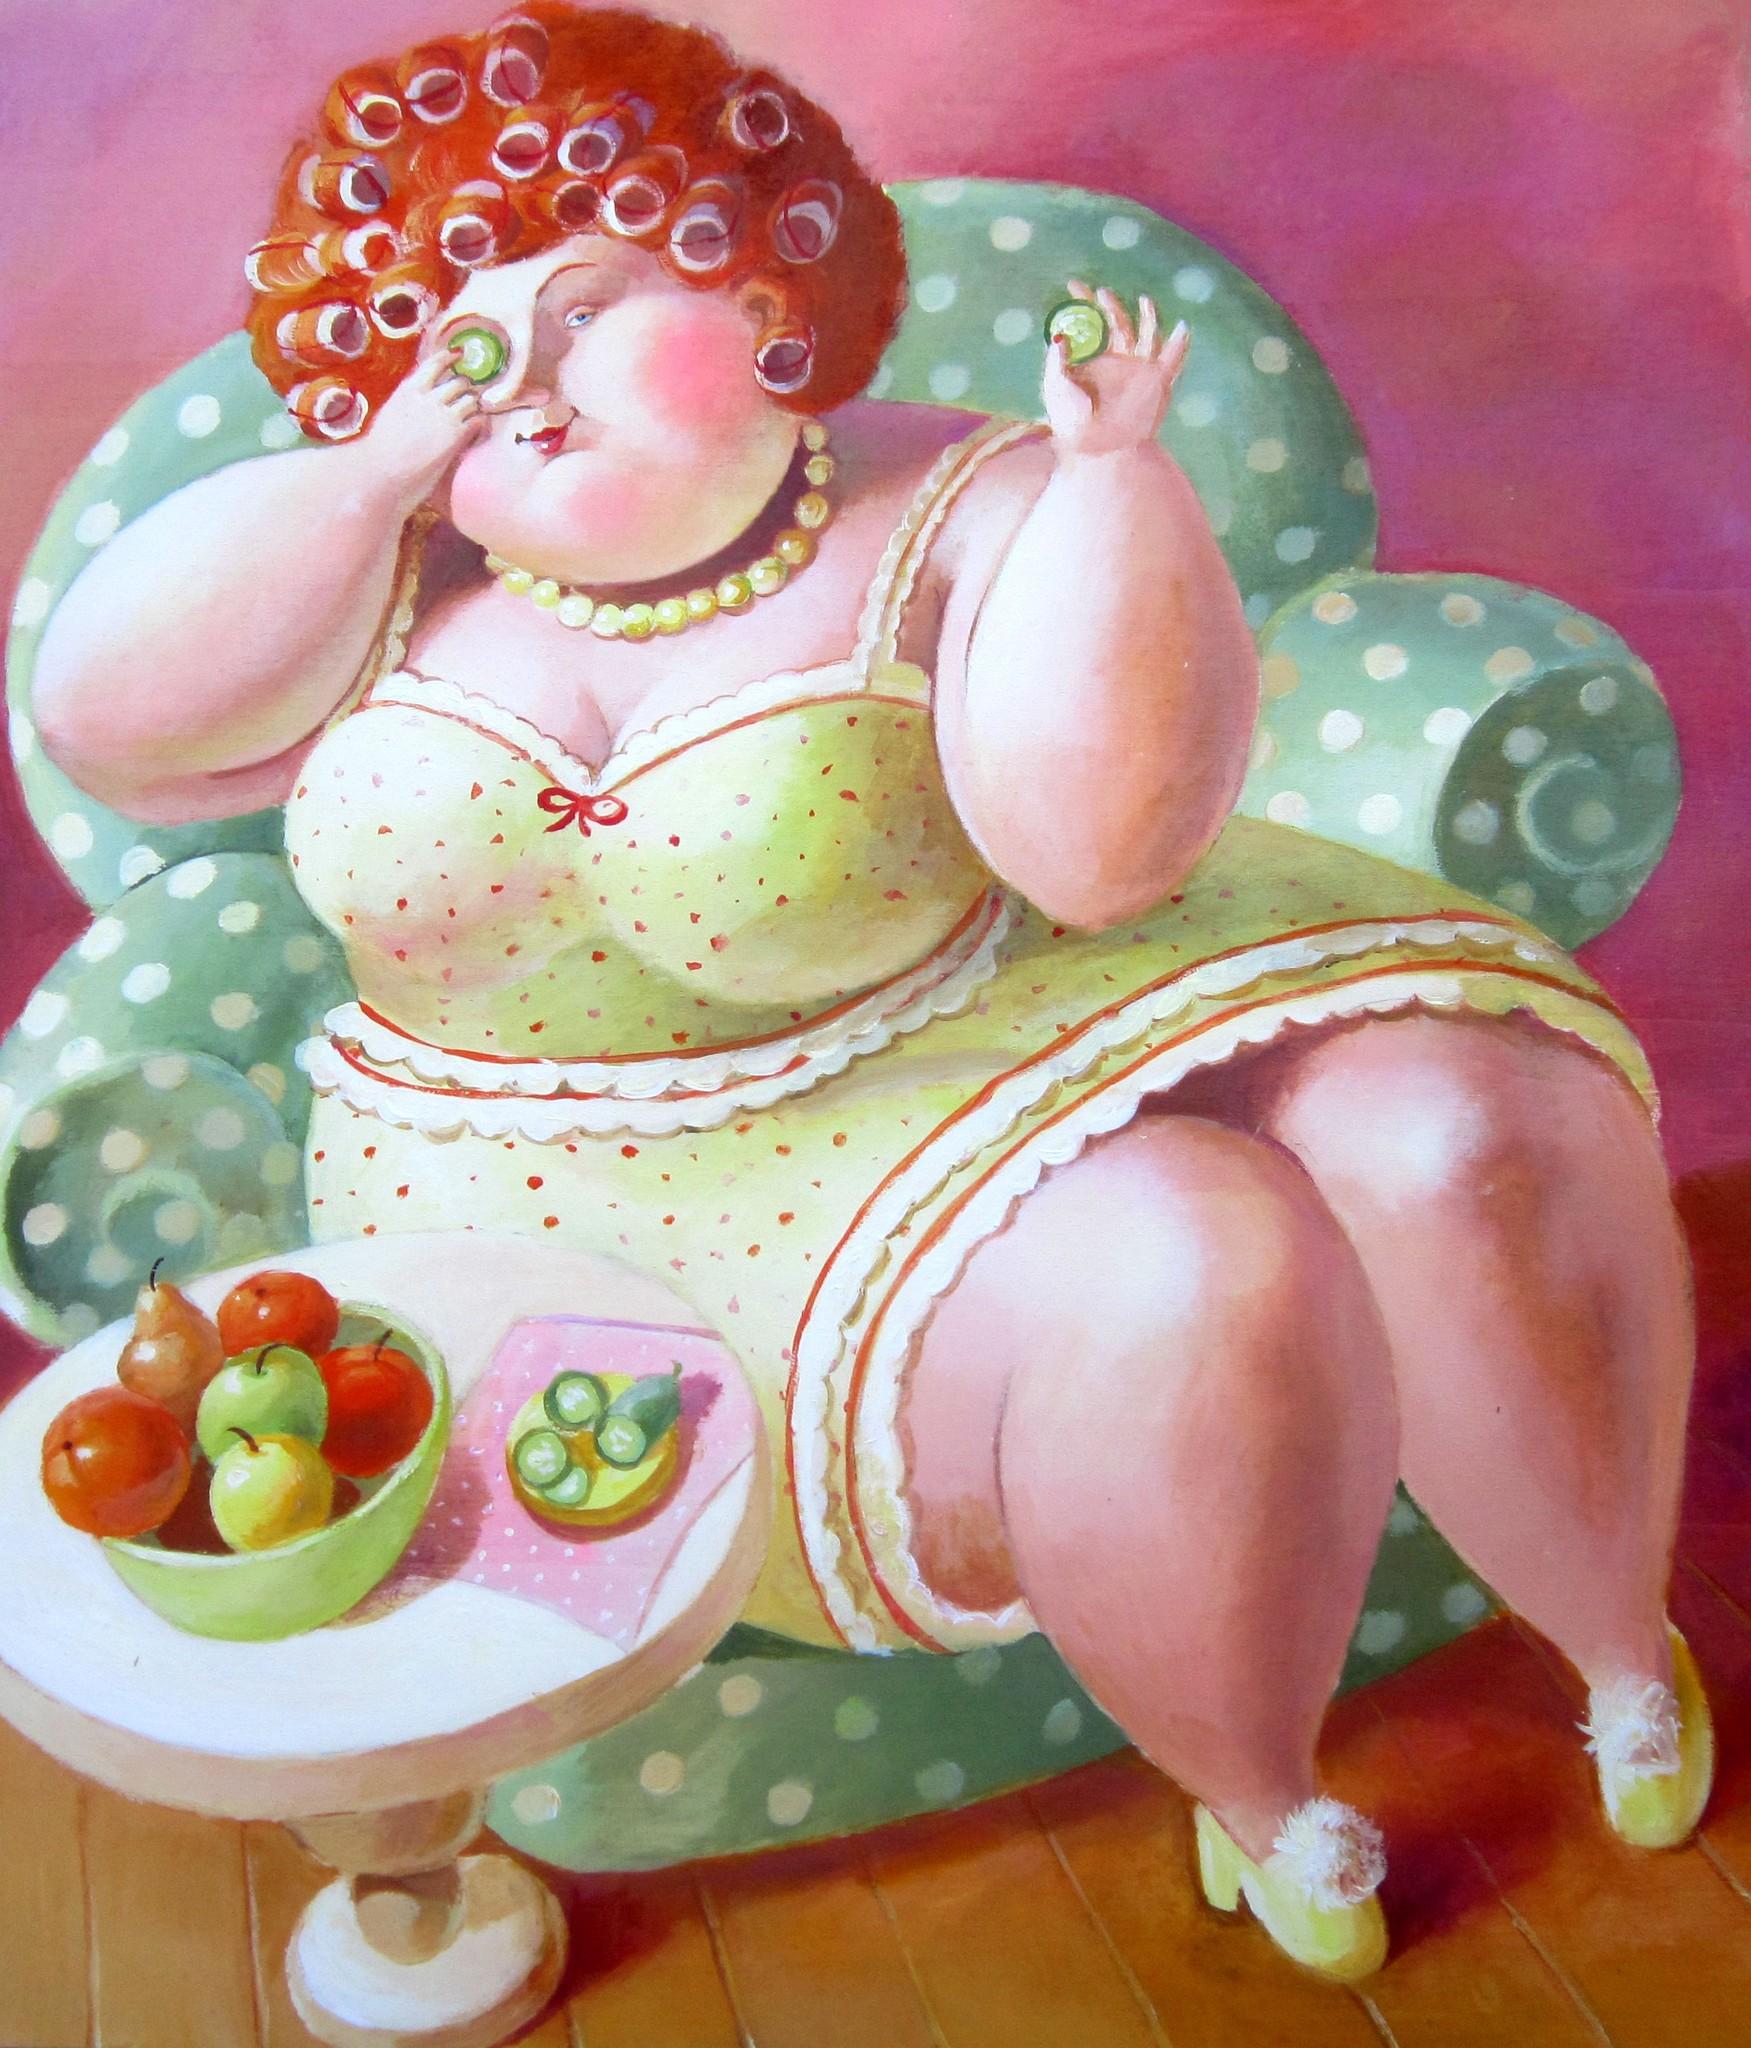 прикольные картинки с толстушками есть вас лопата